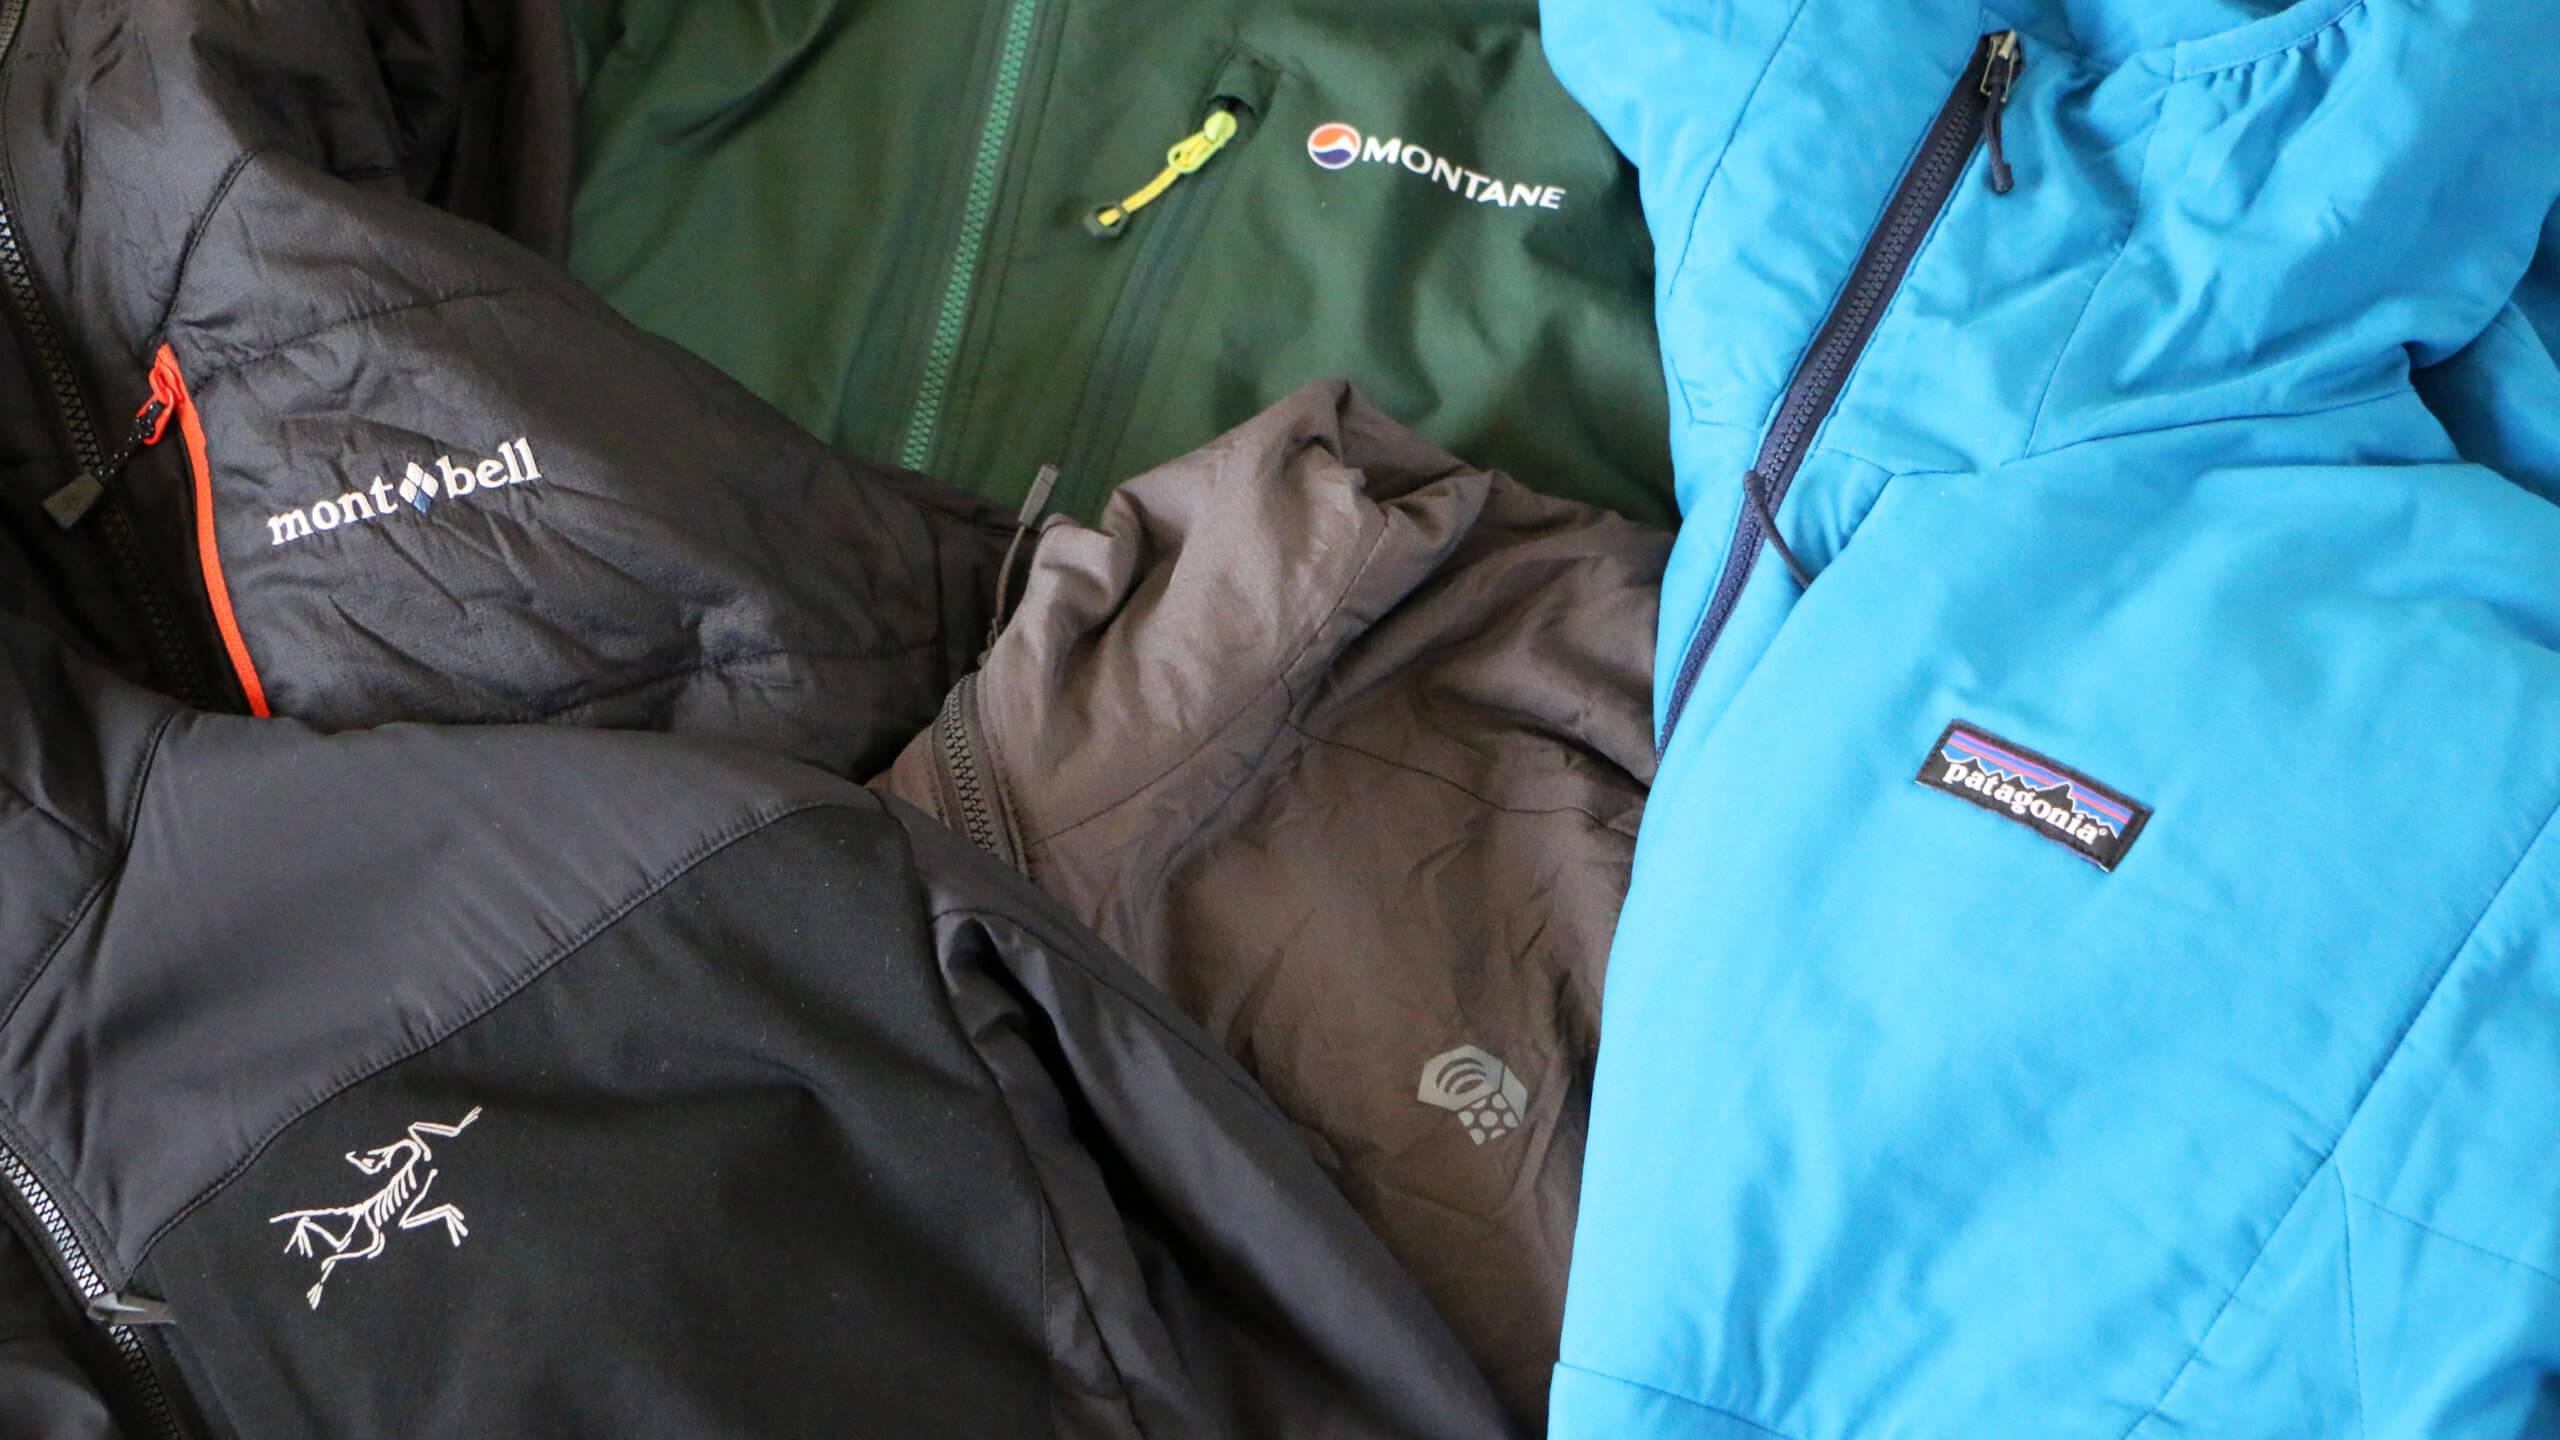 比較レビュー:冬山やバックカントリーでの心強い味方。行動中着っぱなしでOKのアクティブ化繊インサレーションジャケットを着比べてみた